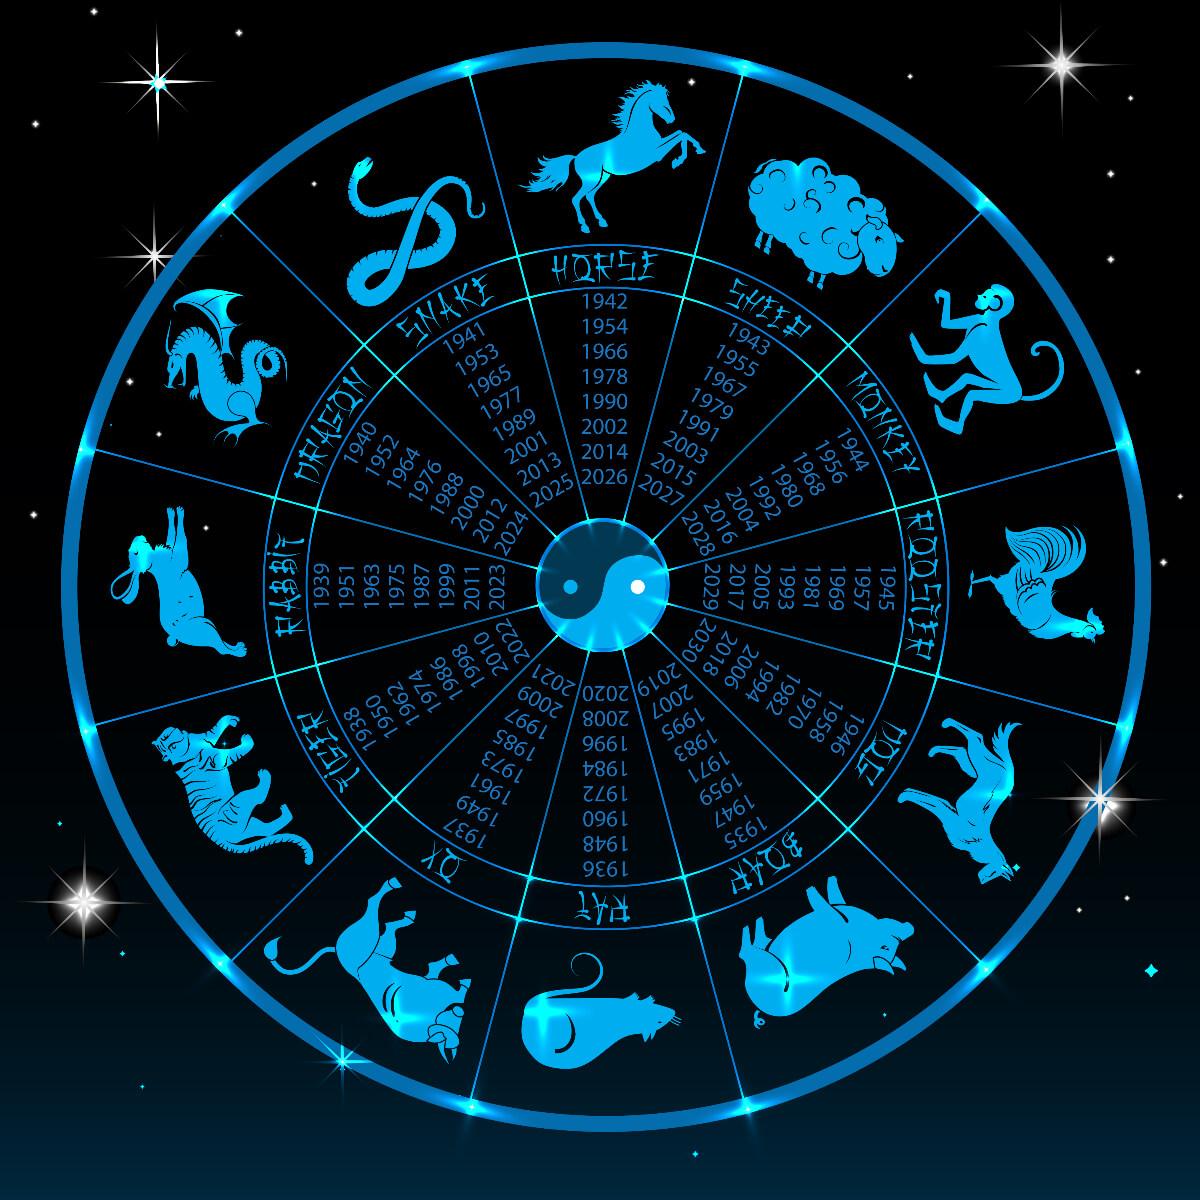 Kínai horoszkóp 2021 - 12 állatövi jegy